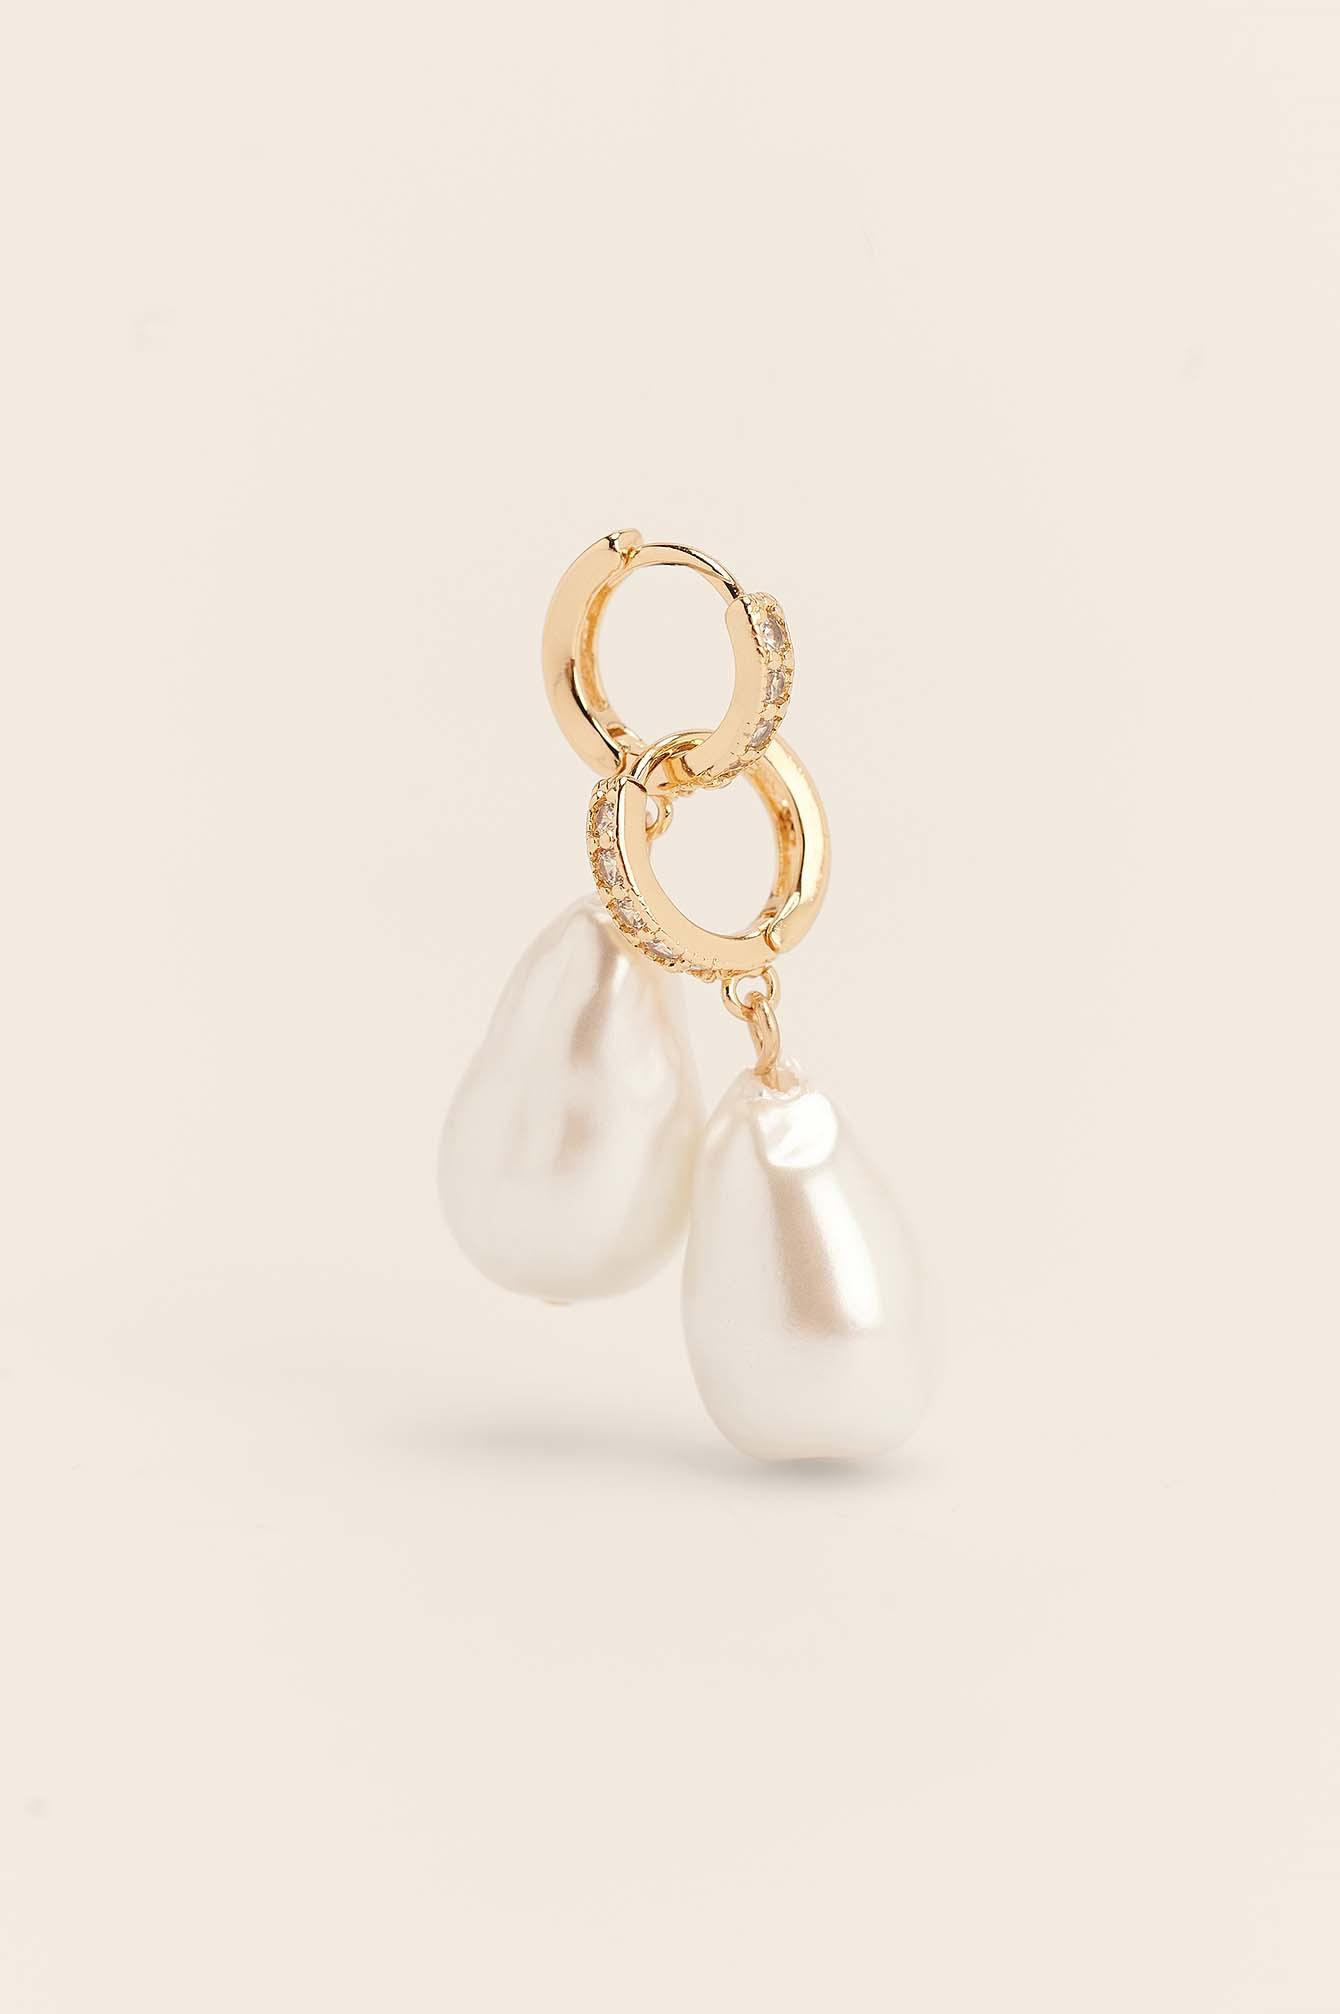 Se NA-KD Accessories Perleøreringe Med Strassdetalje - Gold ved NA-KD